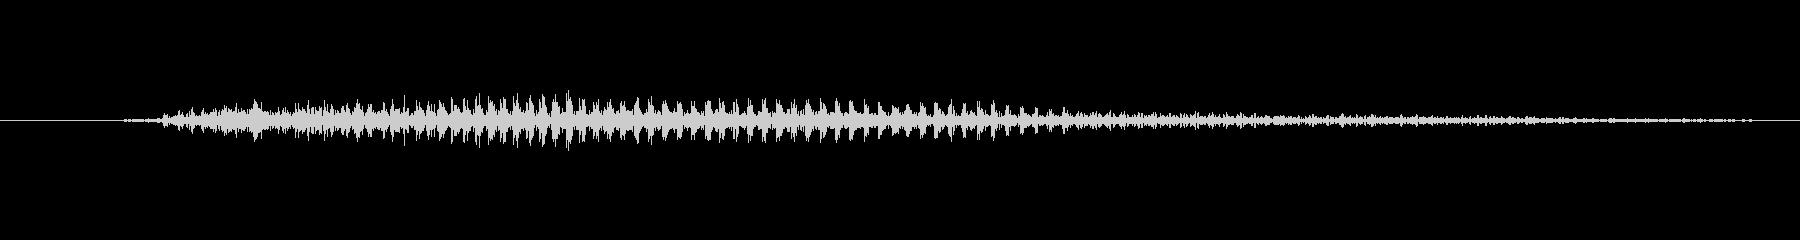 ゾンビ モーンアイドル22の未再生の波形